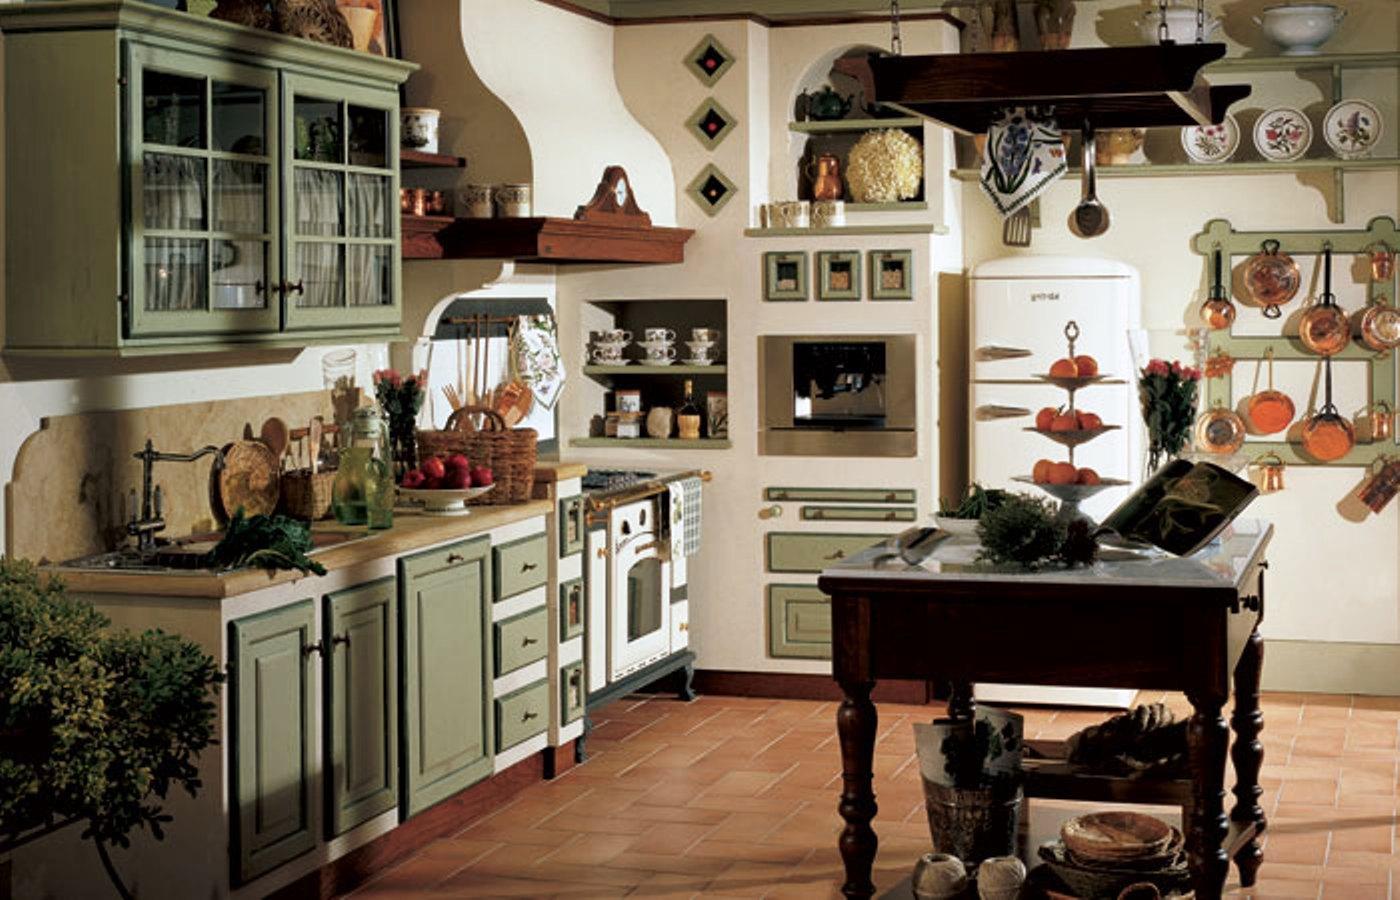 Casa di campagna offerte cucine componibili usate for Ritiro cucine usate